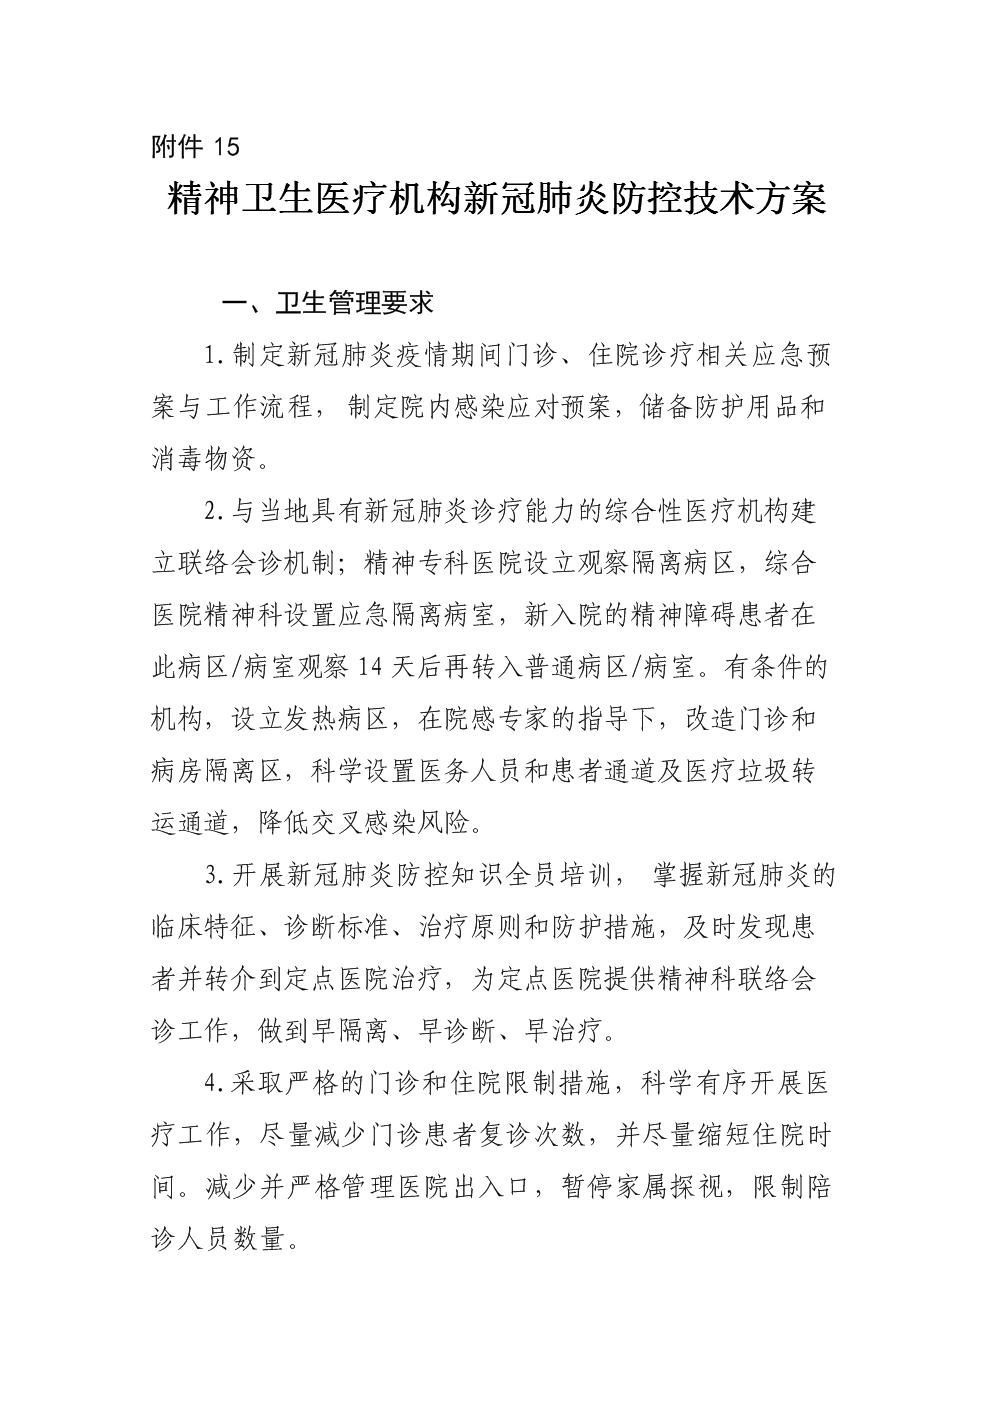 新冠病毒:15.精神卫生医疗机构新冠肺炎防控技术方案8.docx